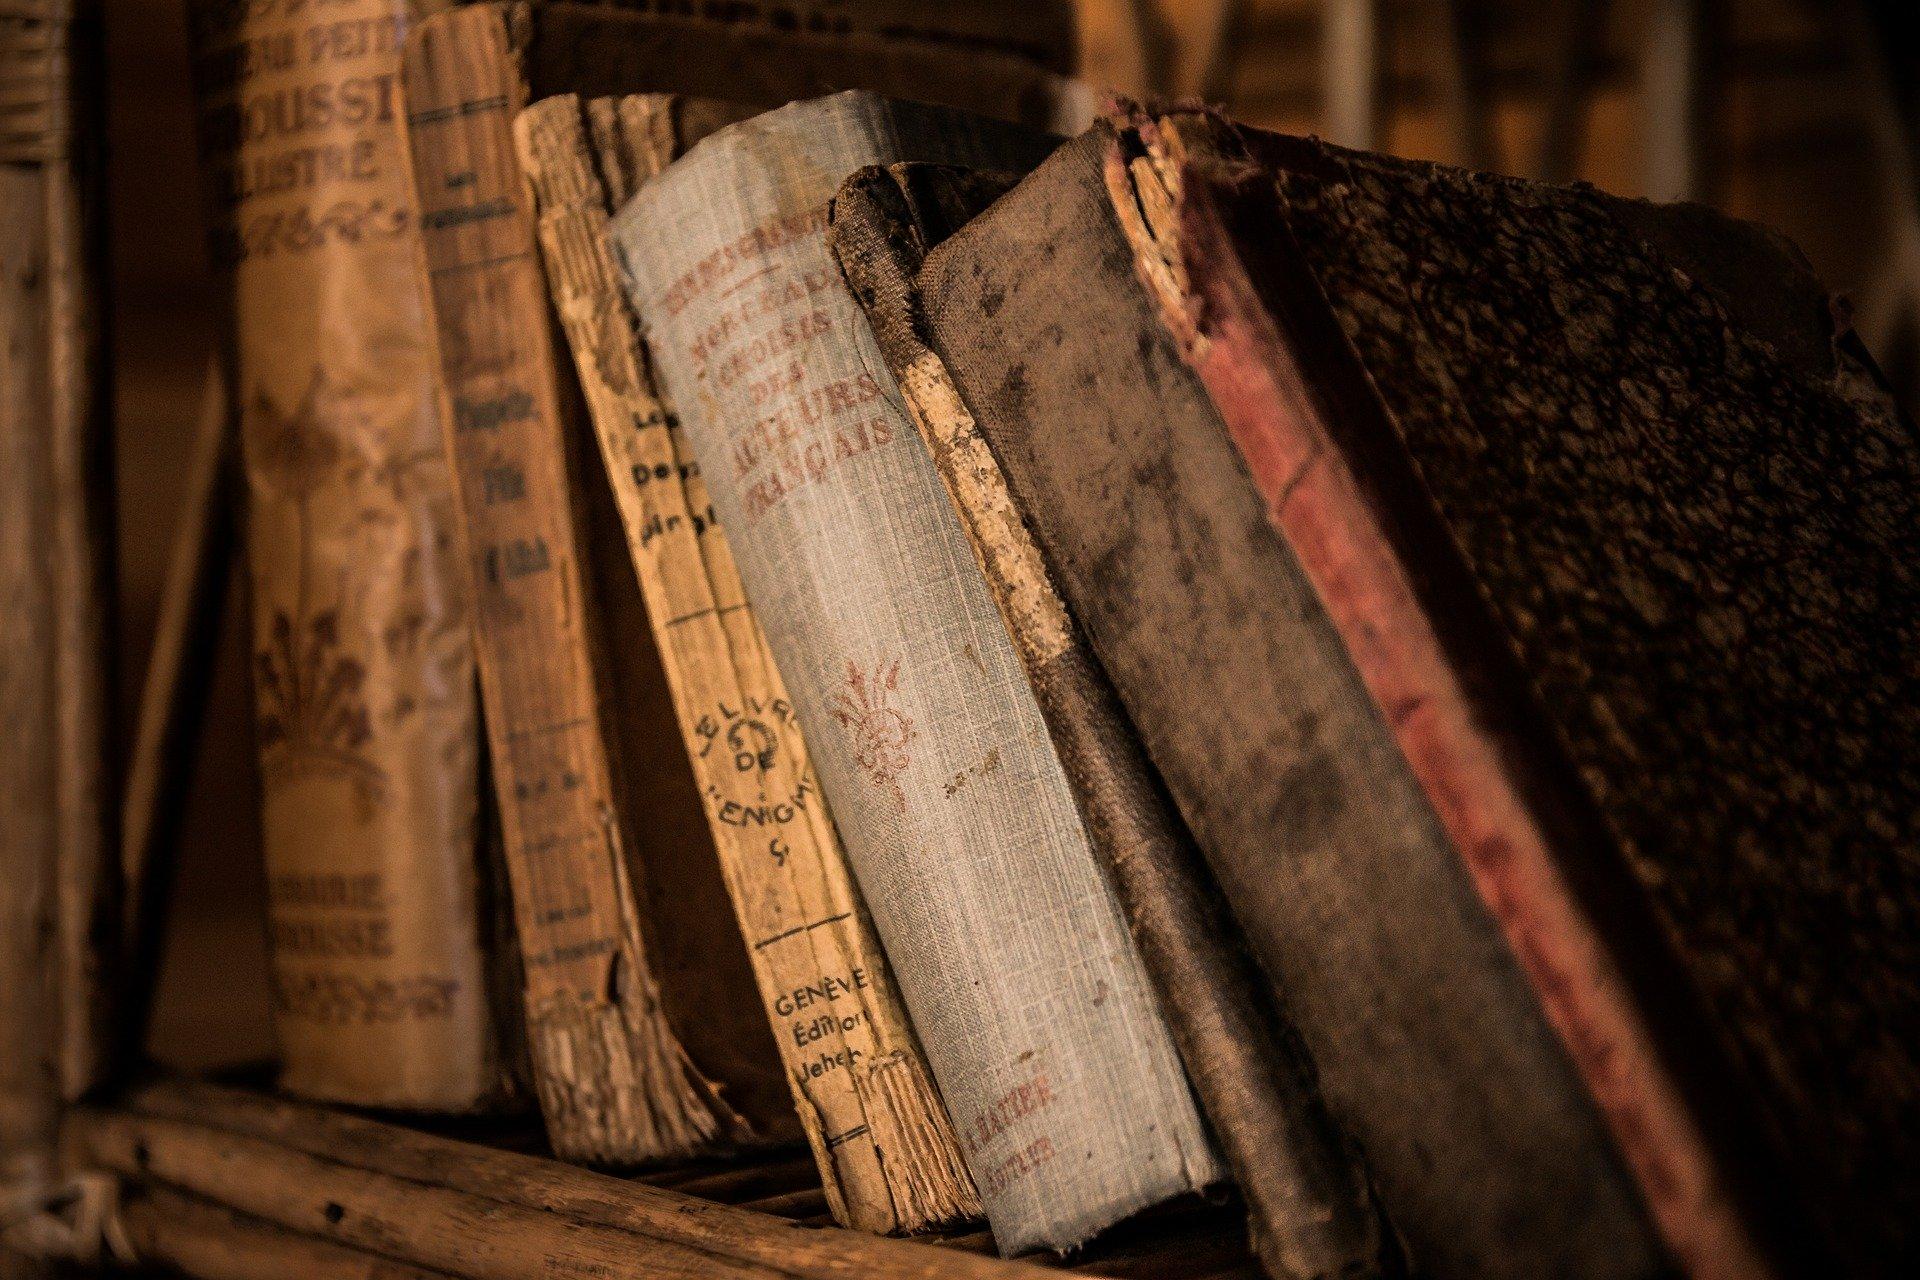 Ortacağ Tarihi Okuma Listesi! Ortçağ Tarihi İle İlgili Araştırma ve Kaynak Eser Tavsiyeleri - Umut Güner